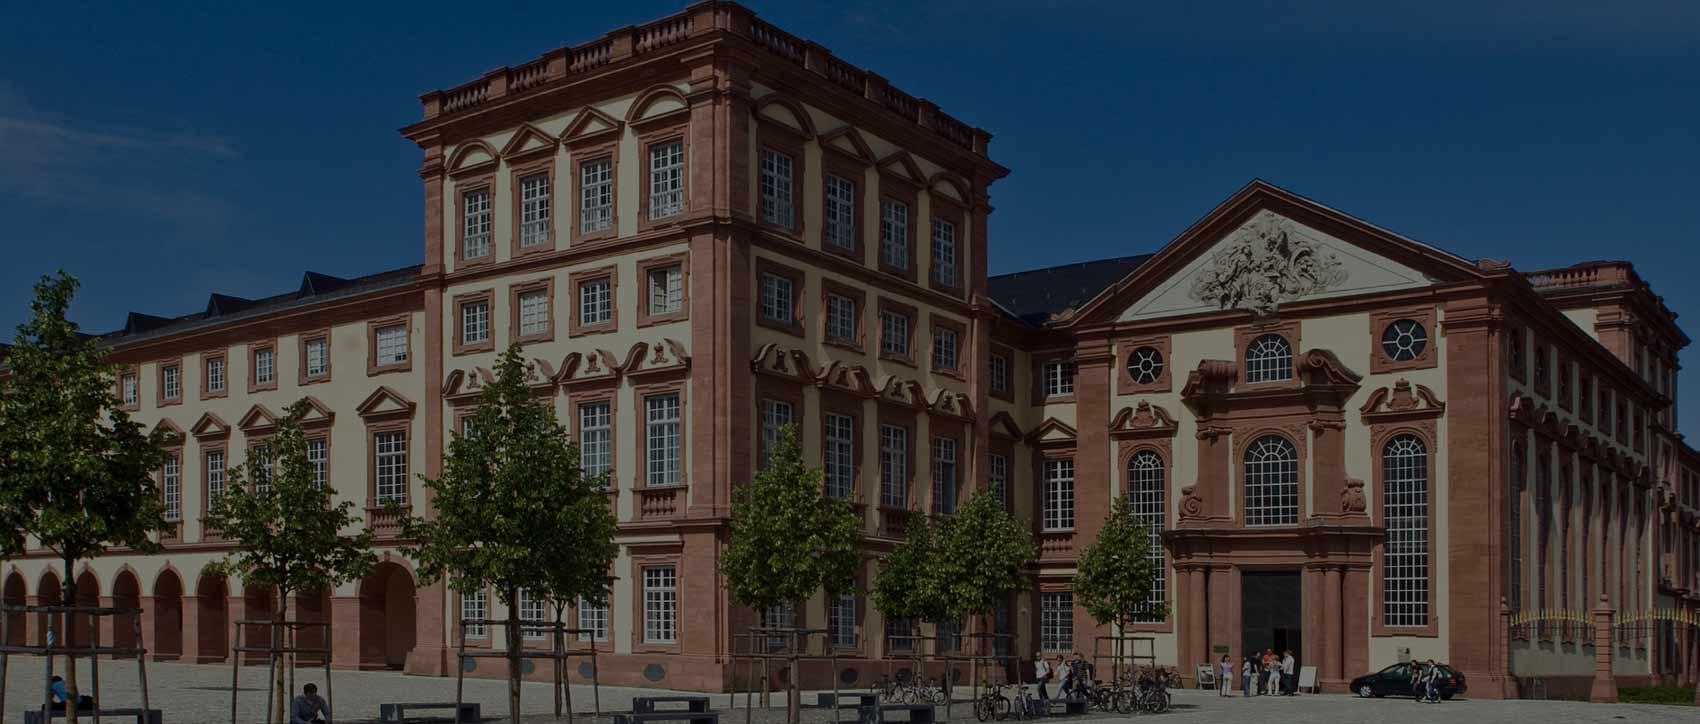 Autoankauf in Mannheim